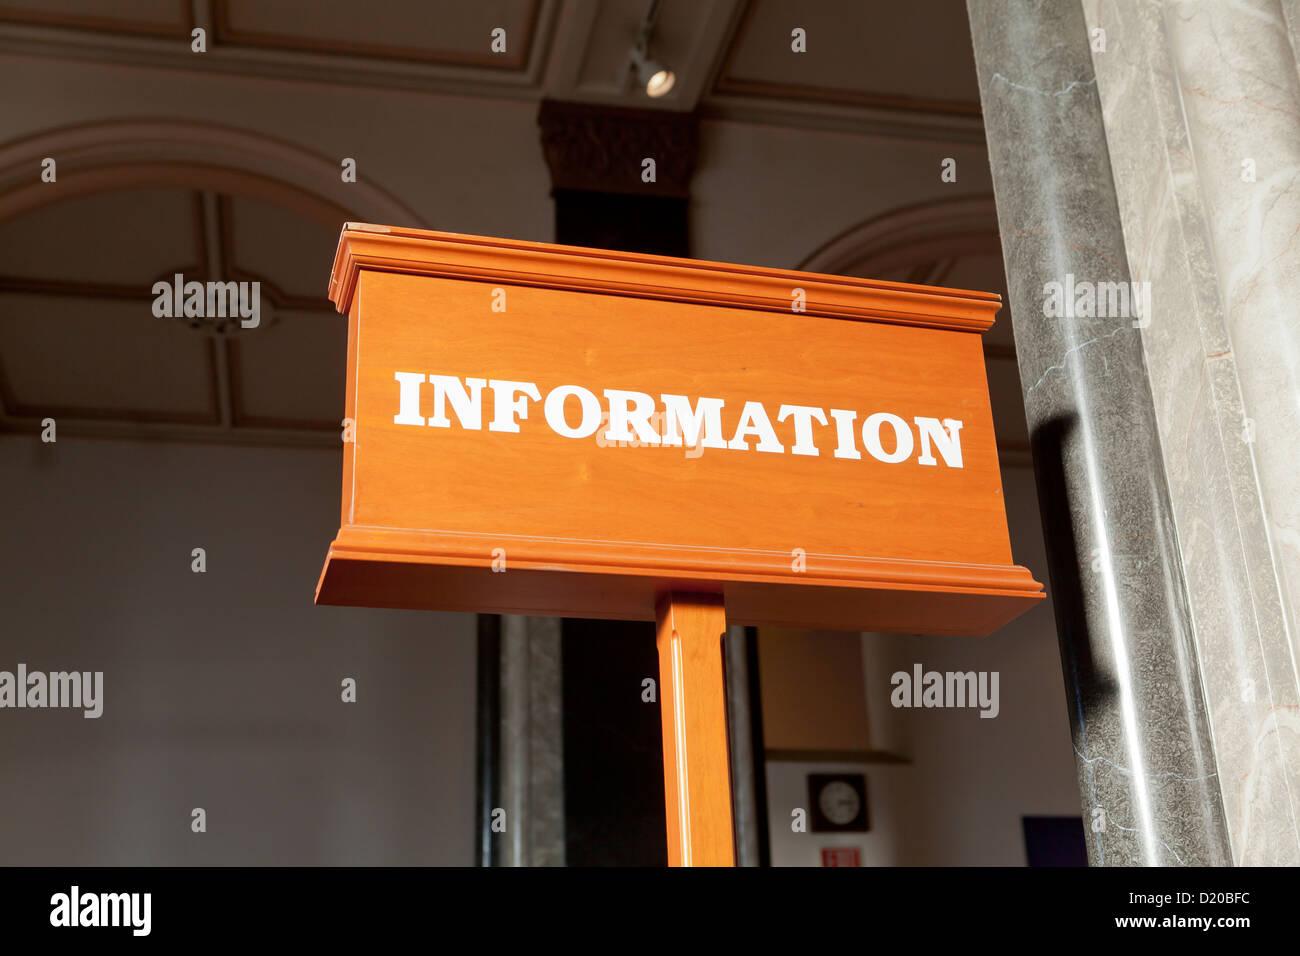 Mostrador de información sign Imagen De Stock